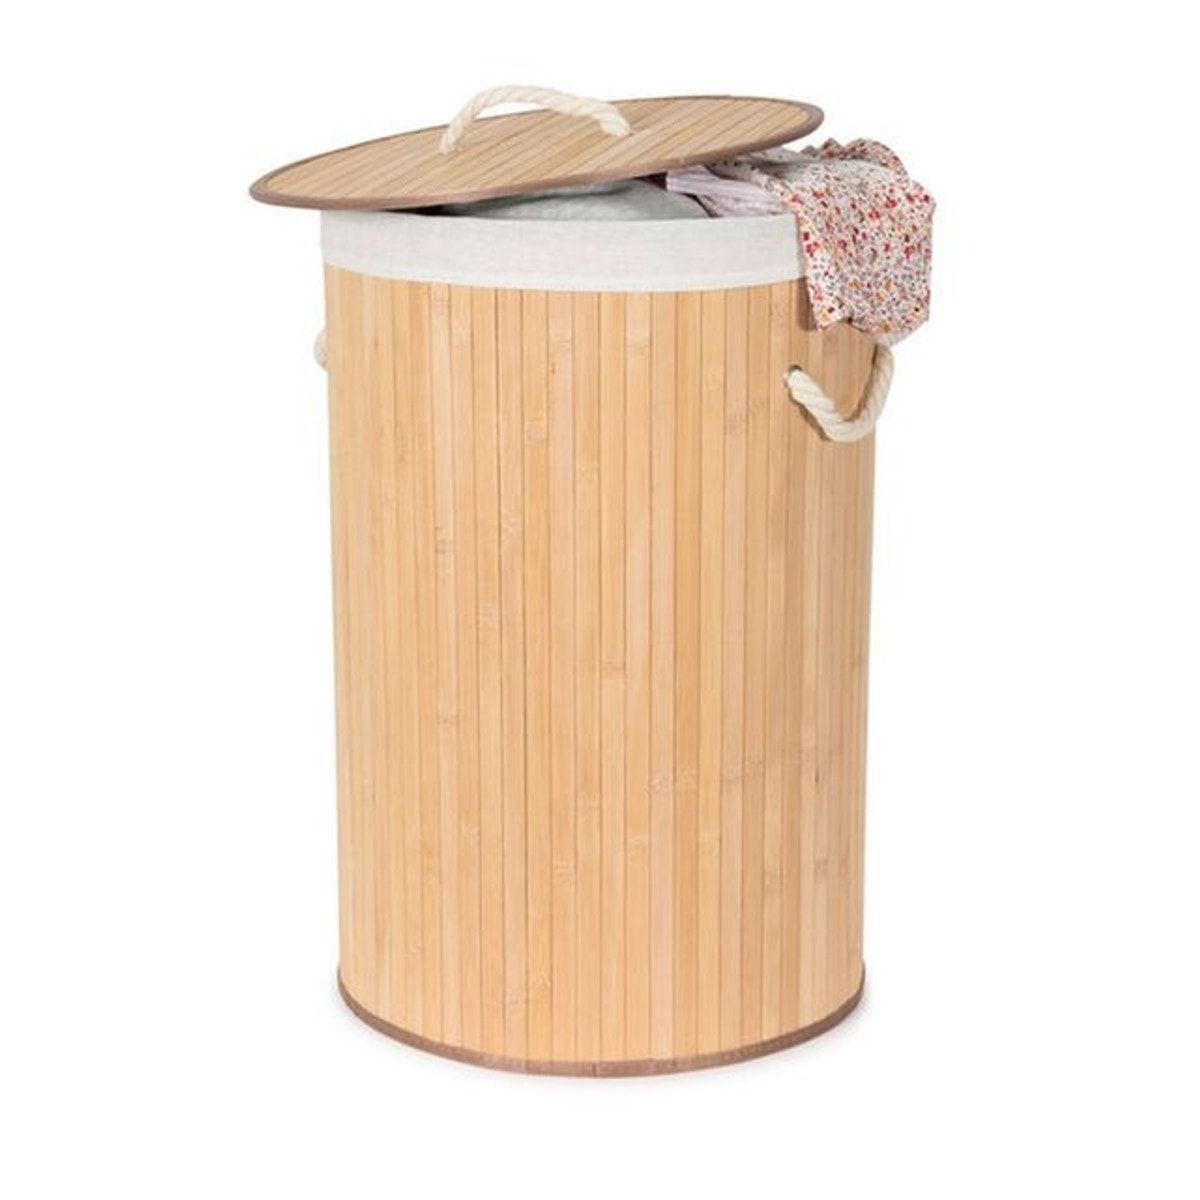 Panier À Linge Original panier À linge rond « bambou » - taille : taille unique